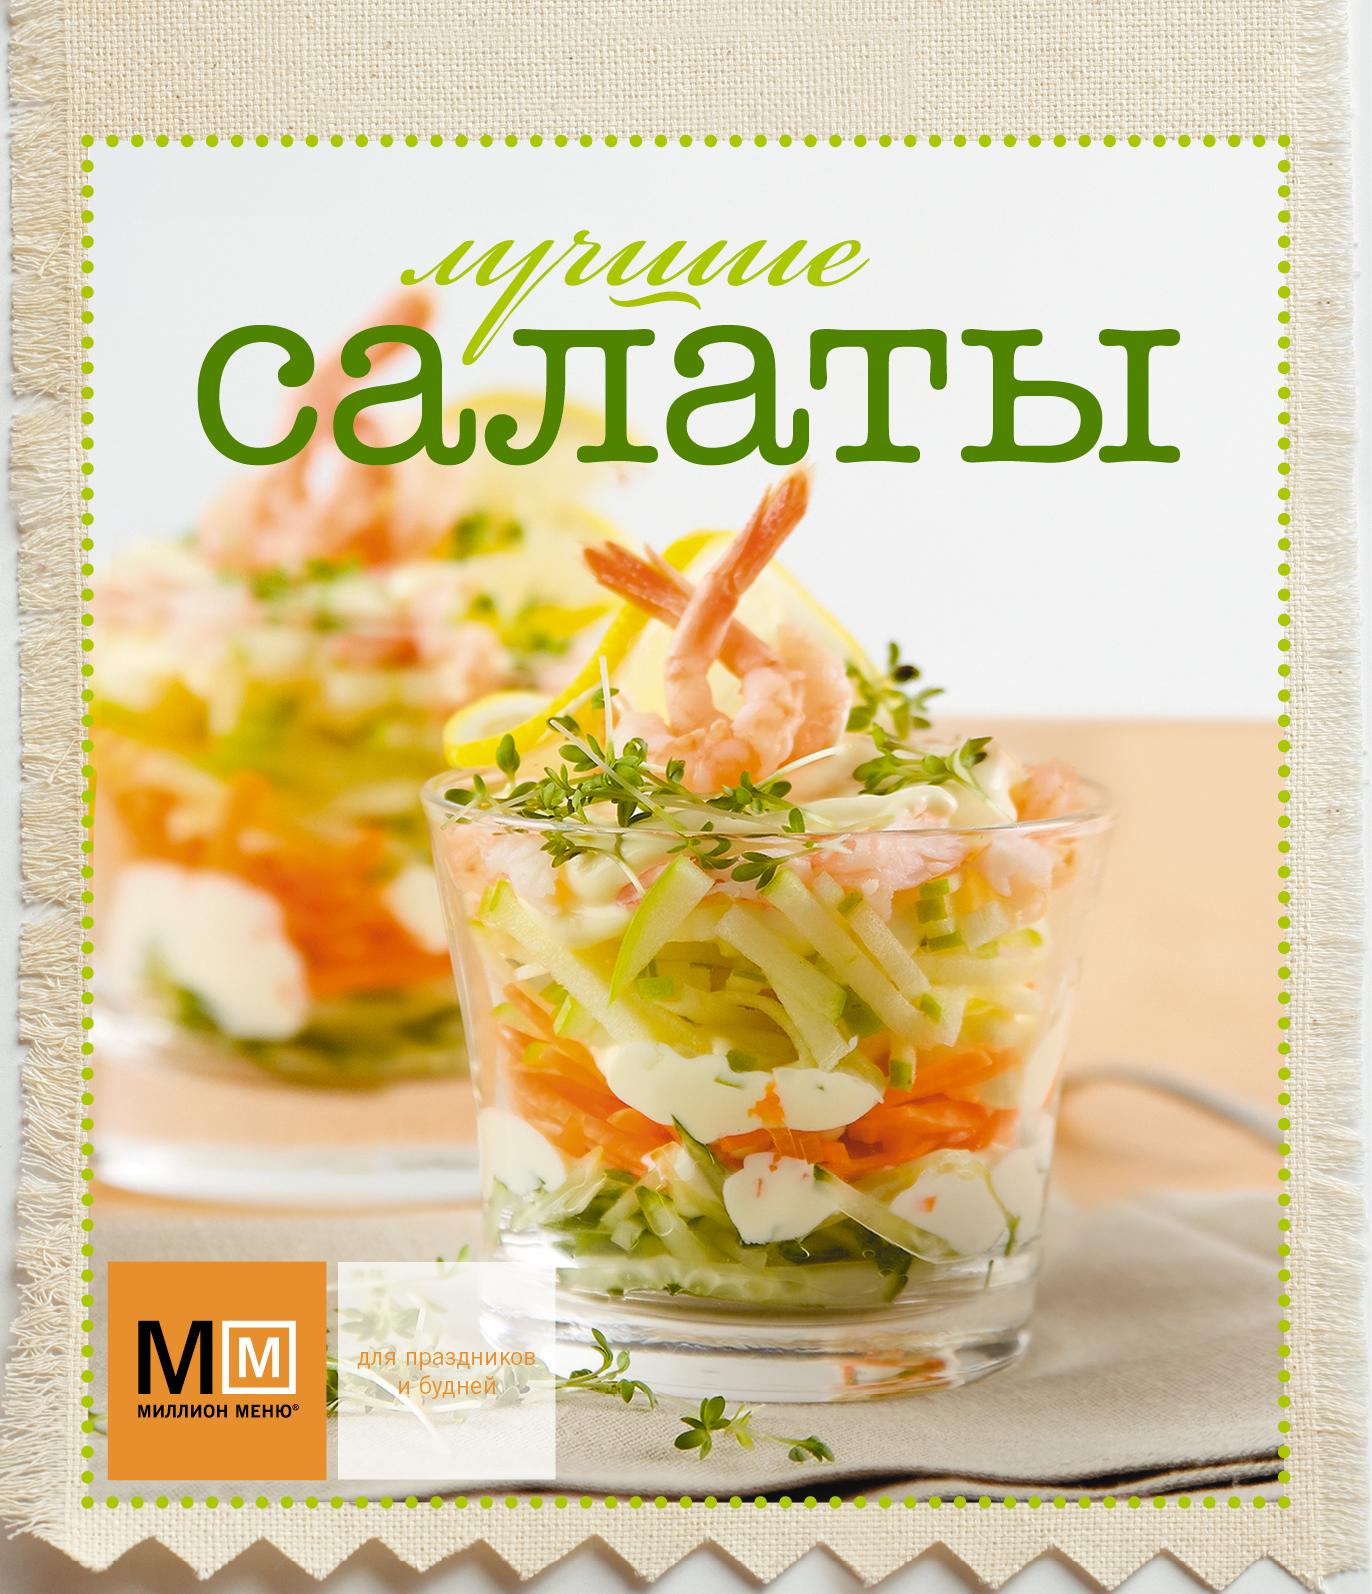 Лучшие салаты солнечная м кулинария без холестерина вкусные и полезные блюда на каждый день